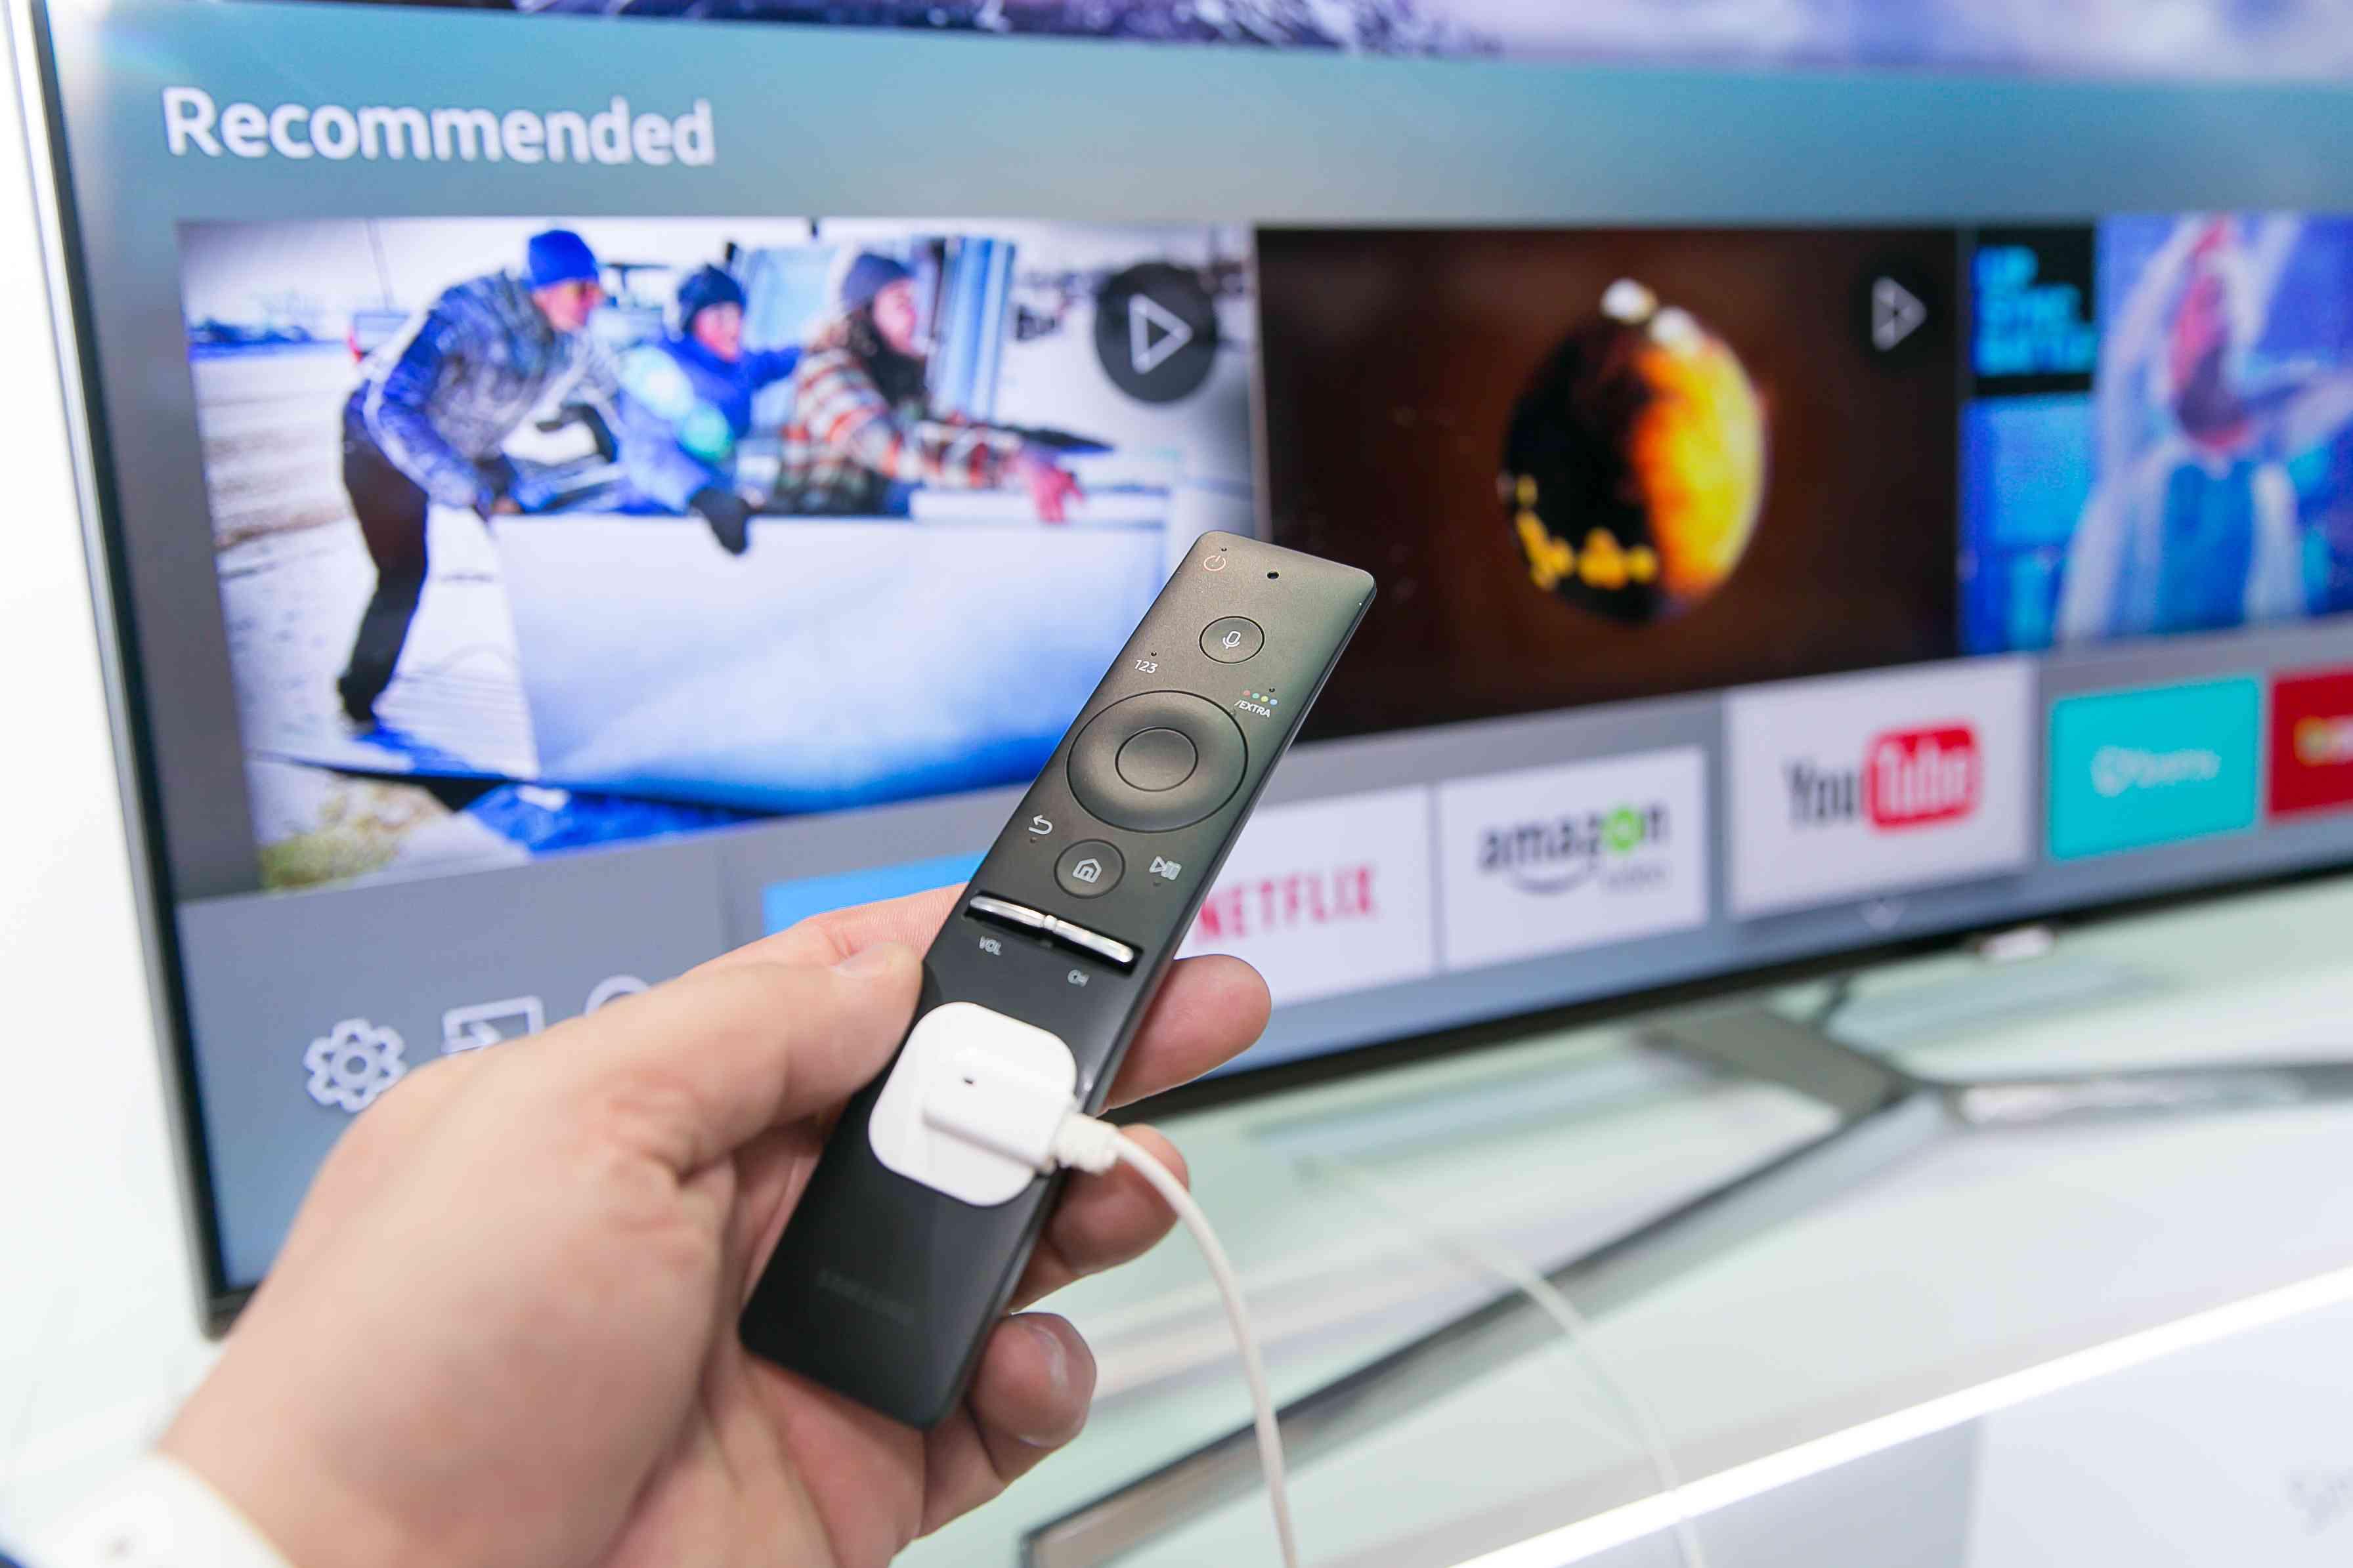 Toto je nové diaľkové ovládanie, pričom SmartTV umožňuje ľahko prepínať medzi živým vysielaním a aplikáciami